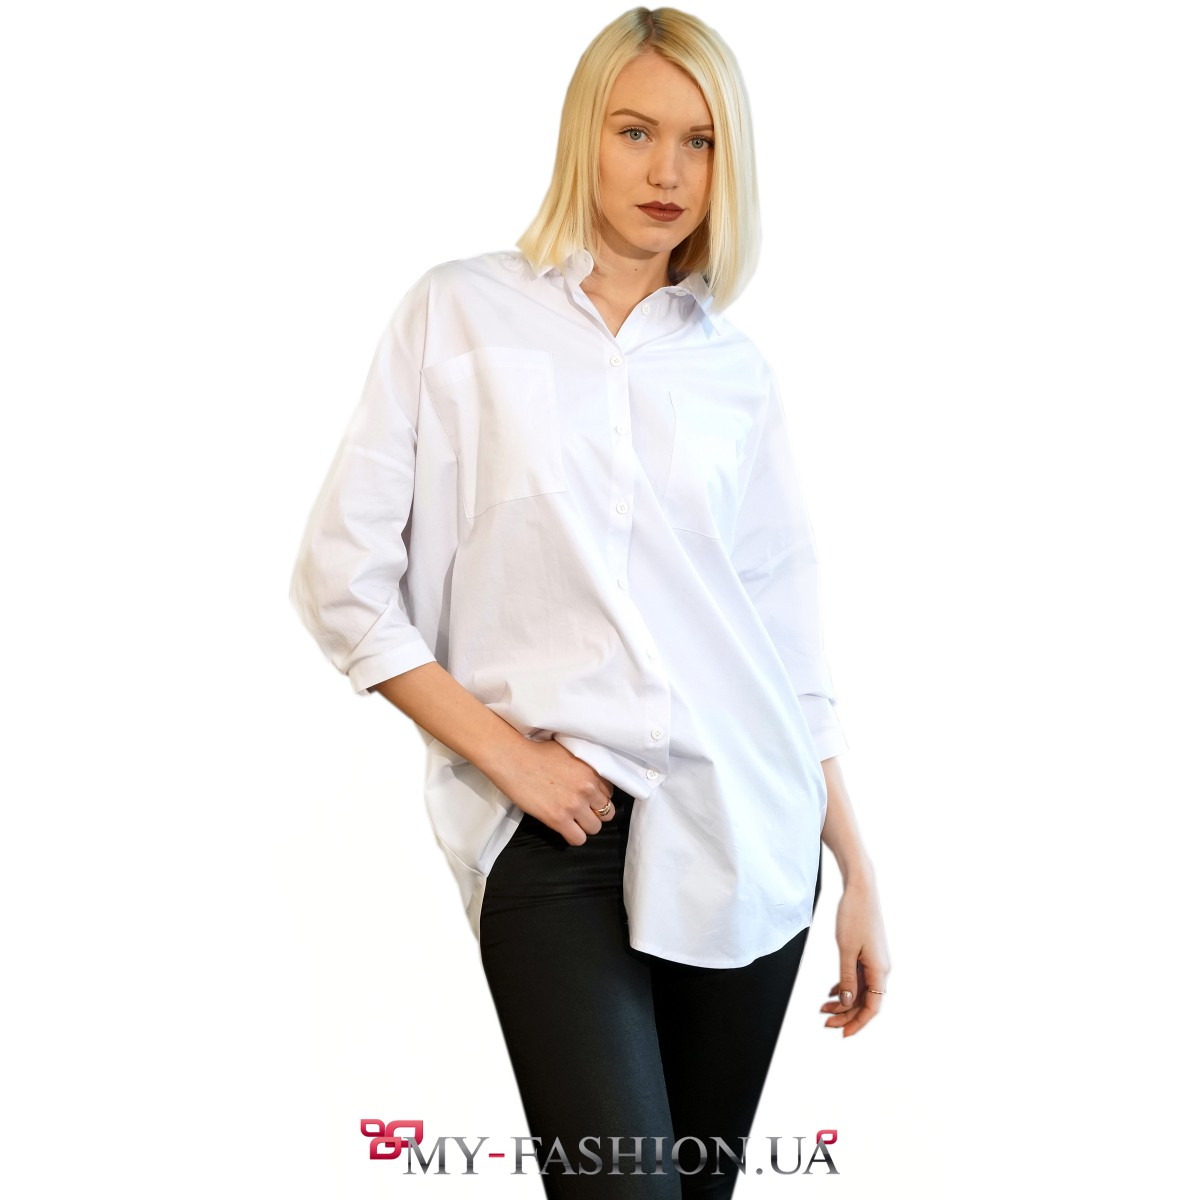 Магазин фасон женская одежда